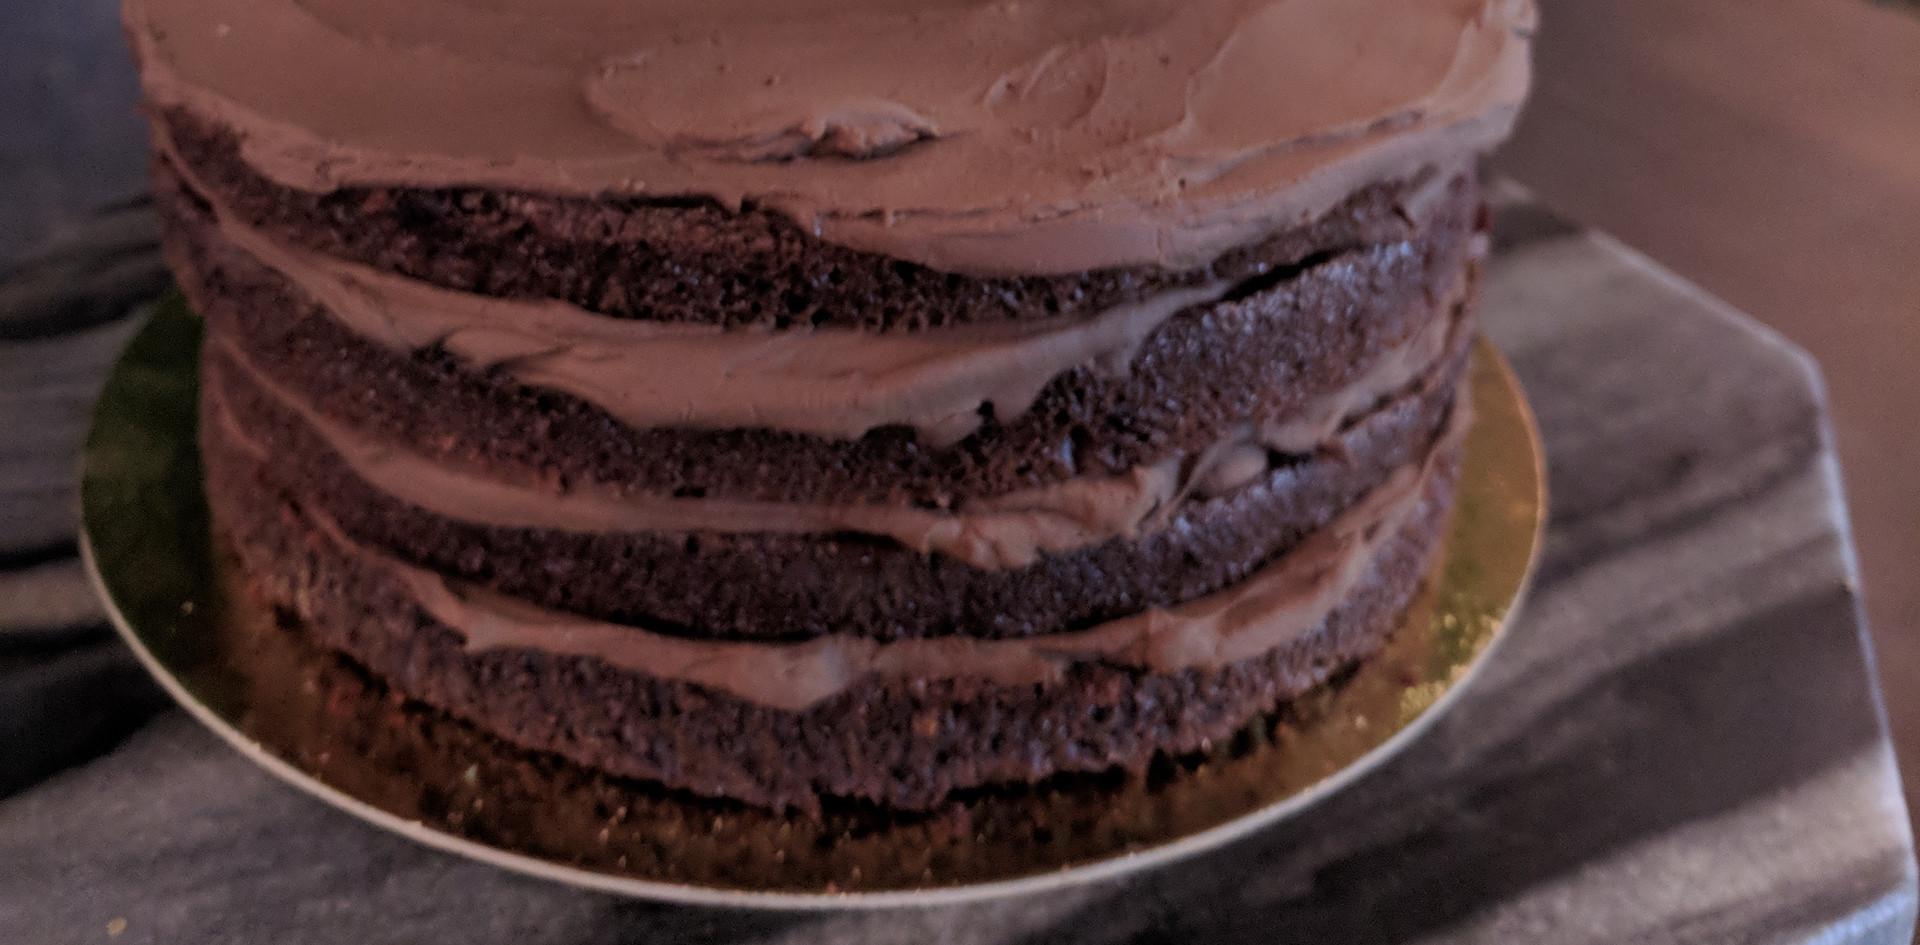 Chocolate Ganache Vegan Cake